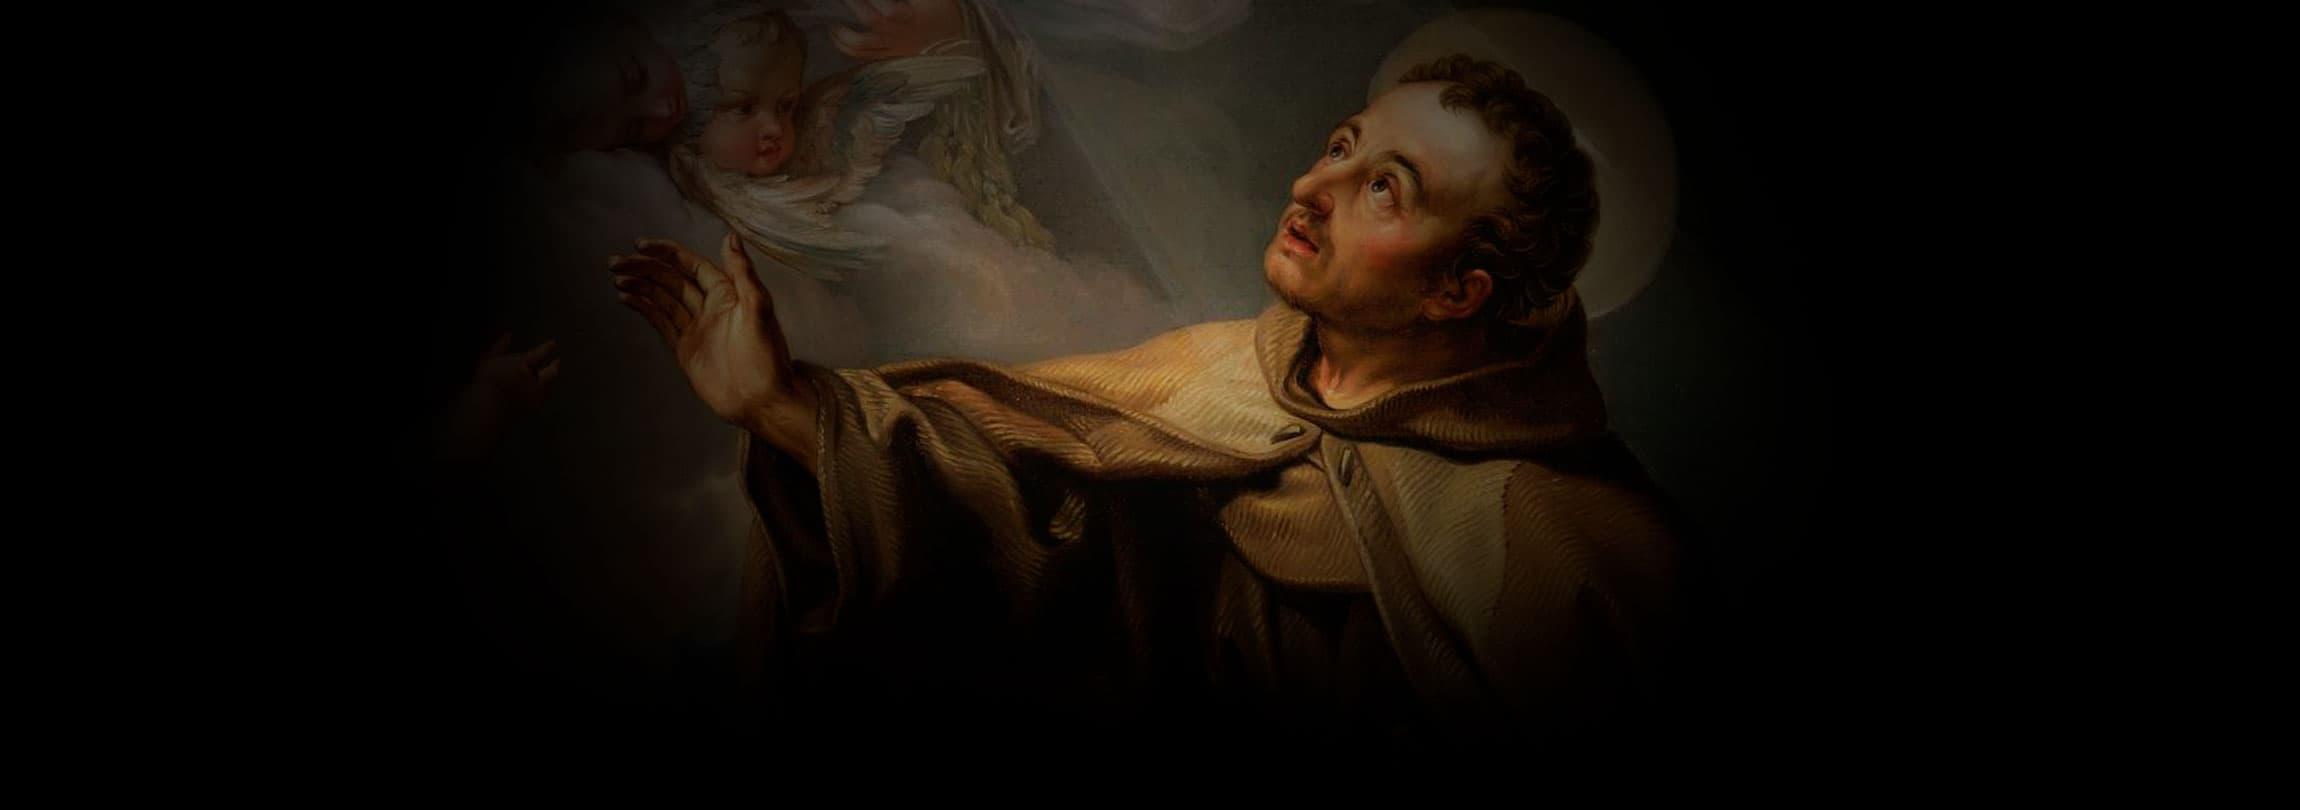 Os milagres do corpo incorrupto de São Pascoal